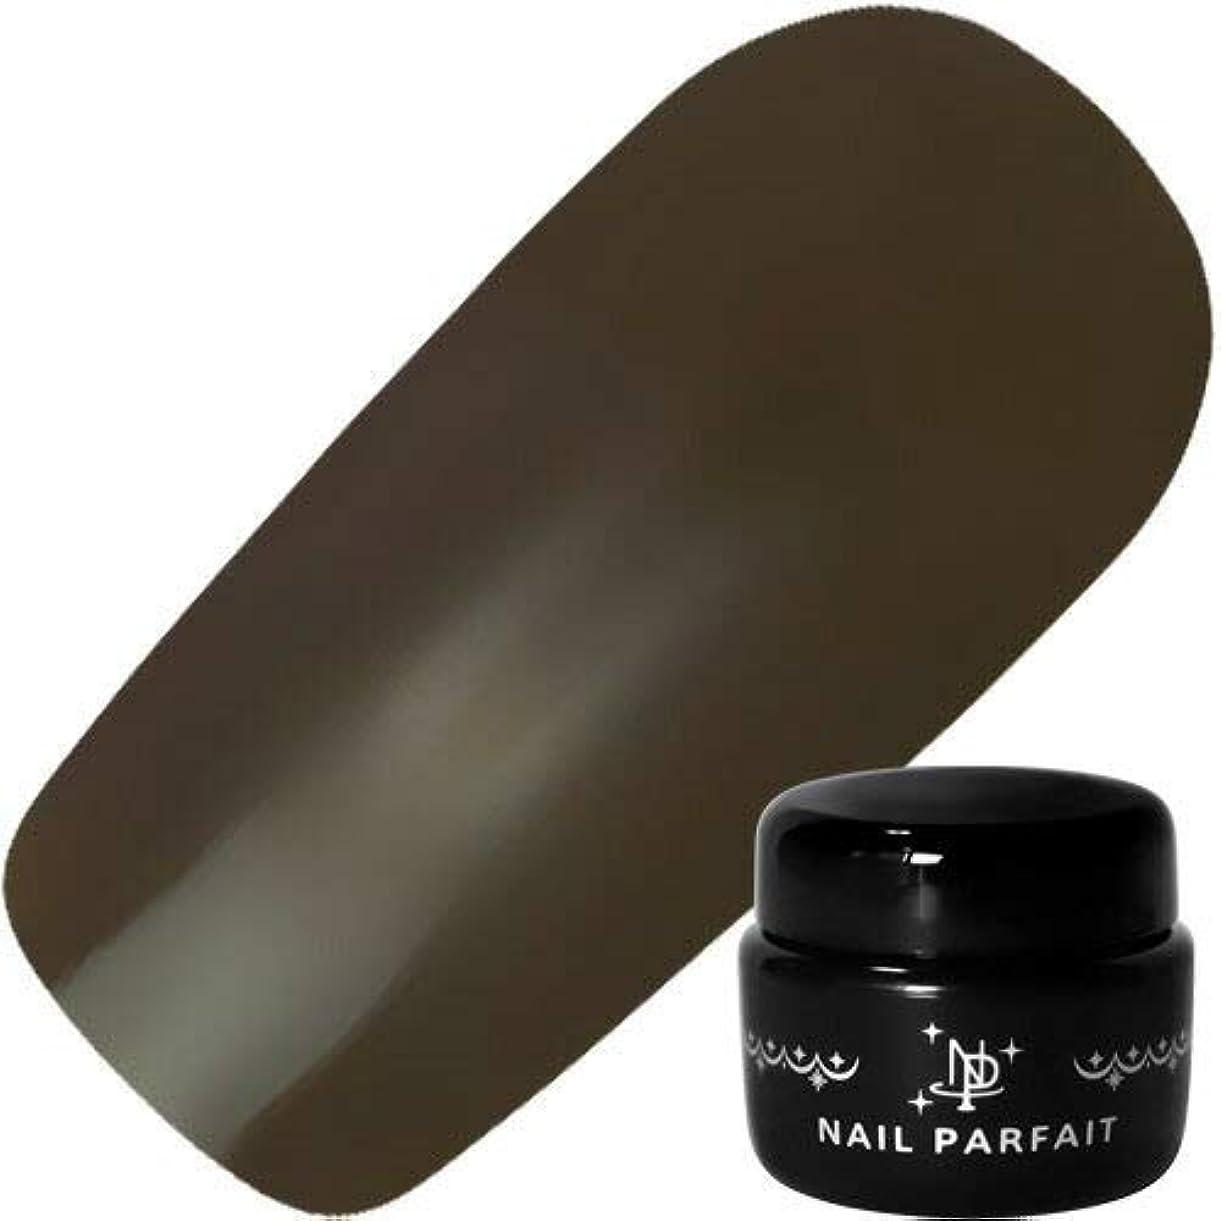 まさに城さらにNAIL PARFAIT ネイルパフェ カラージェル T02 トールブラウン 2g 【ジェル/カラージェル?ネイル用品】